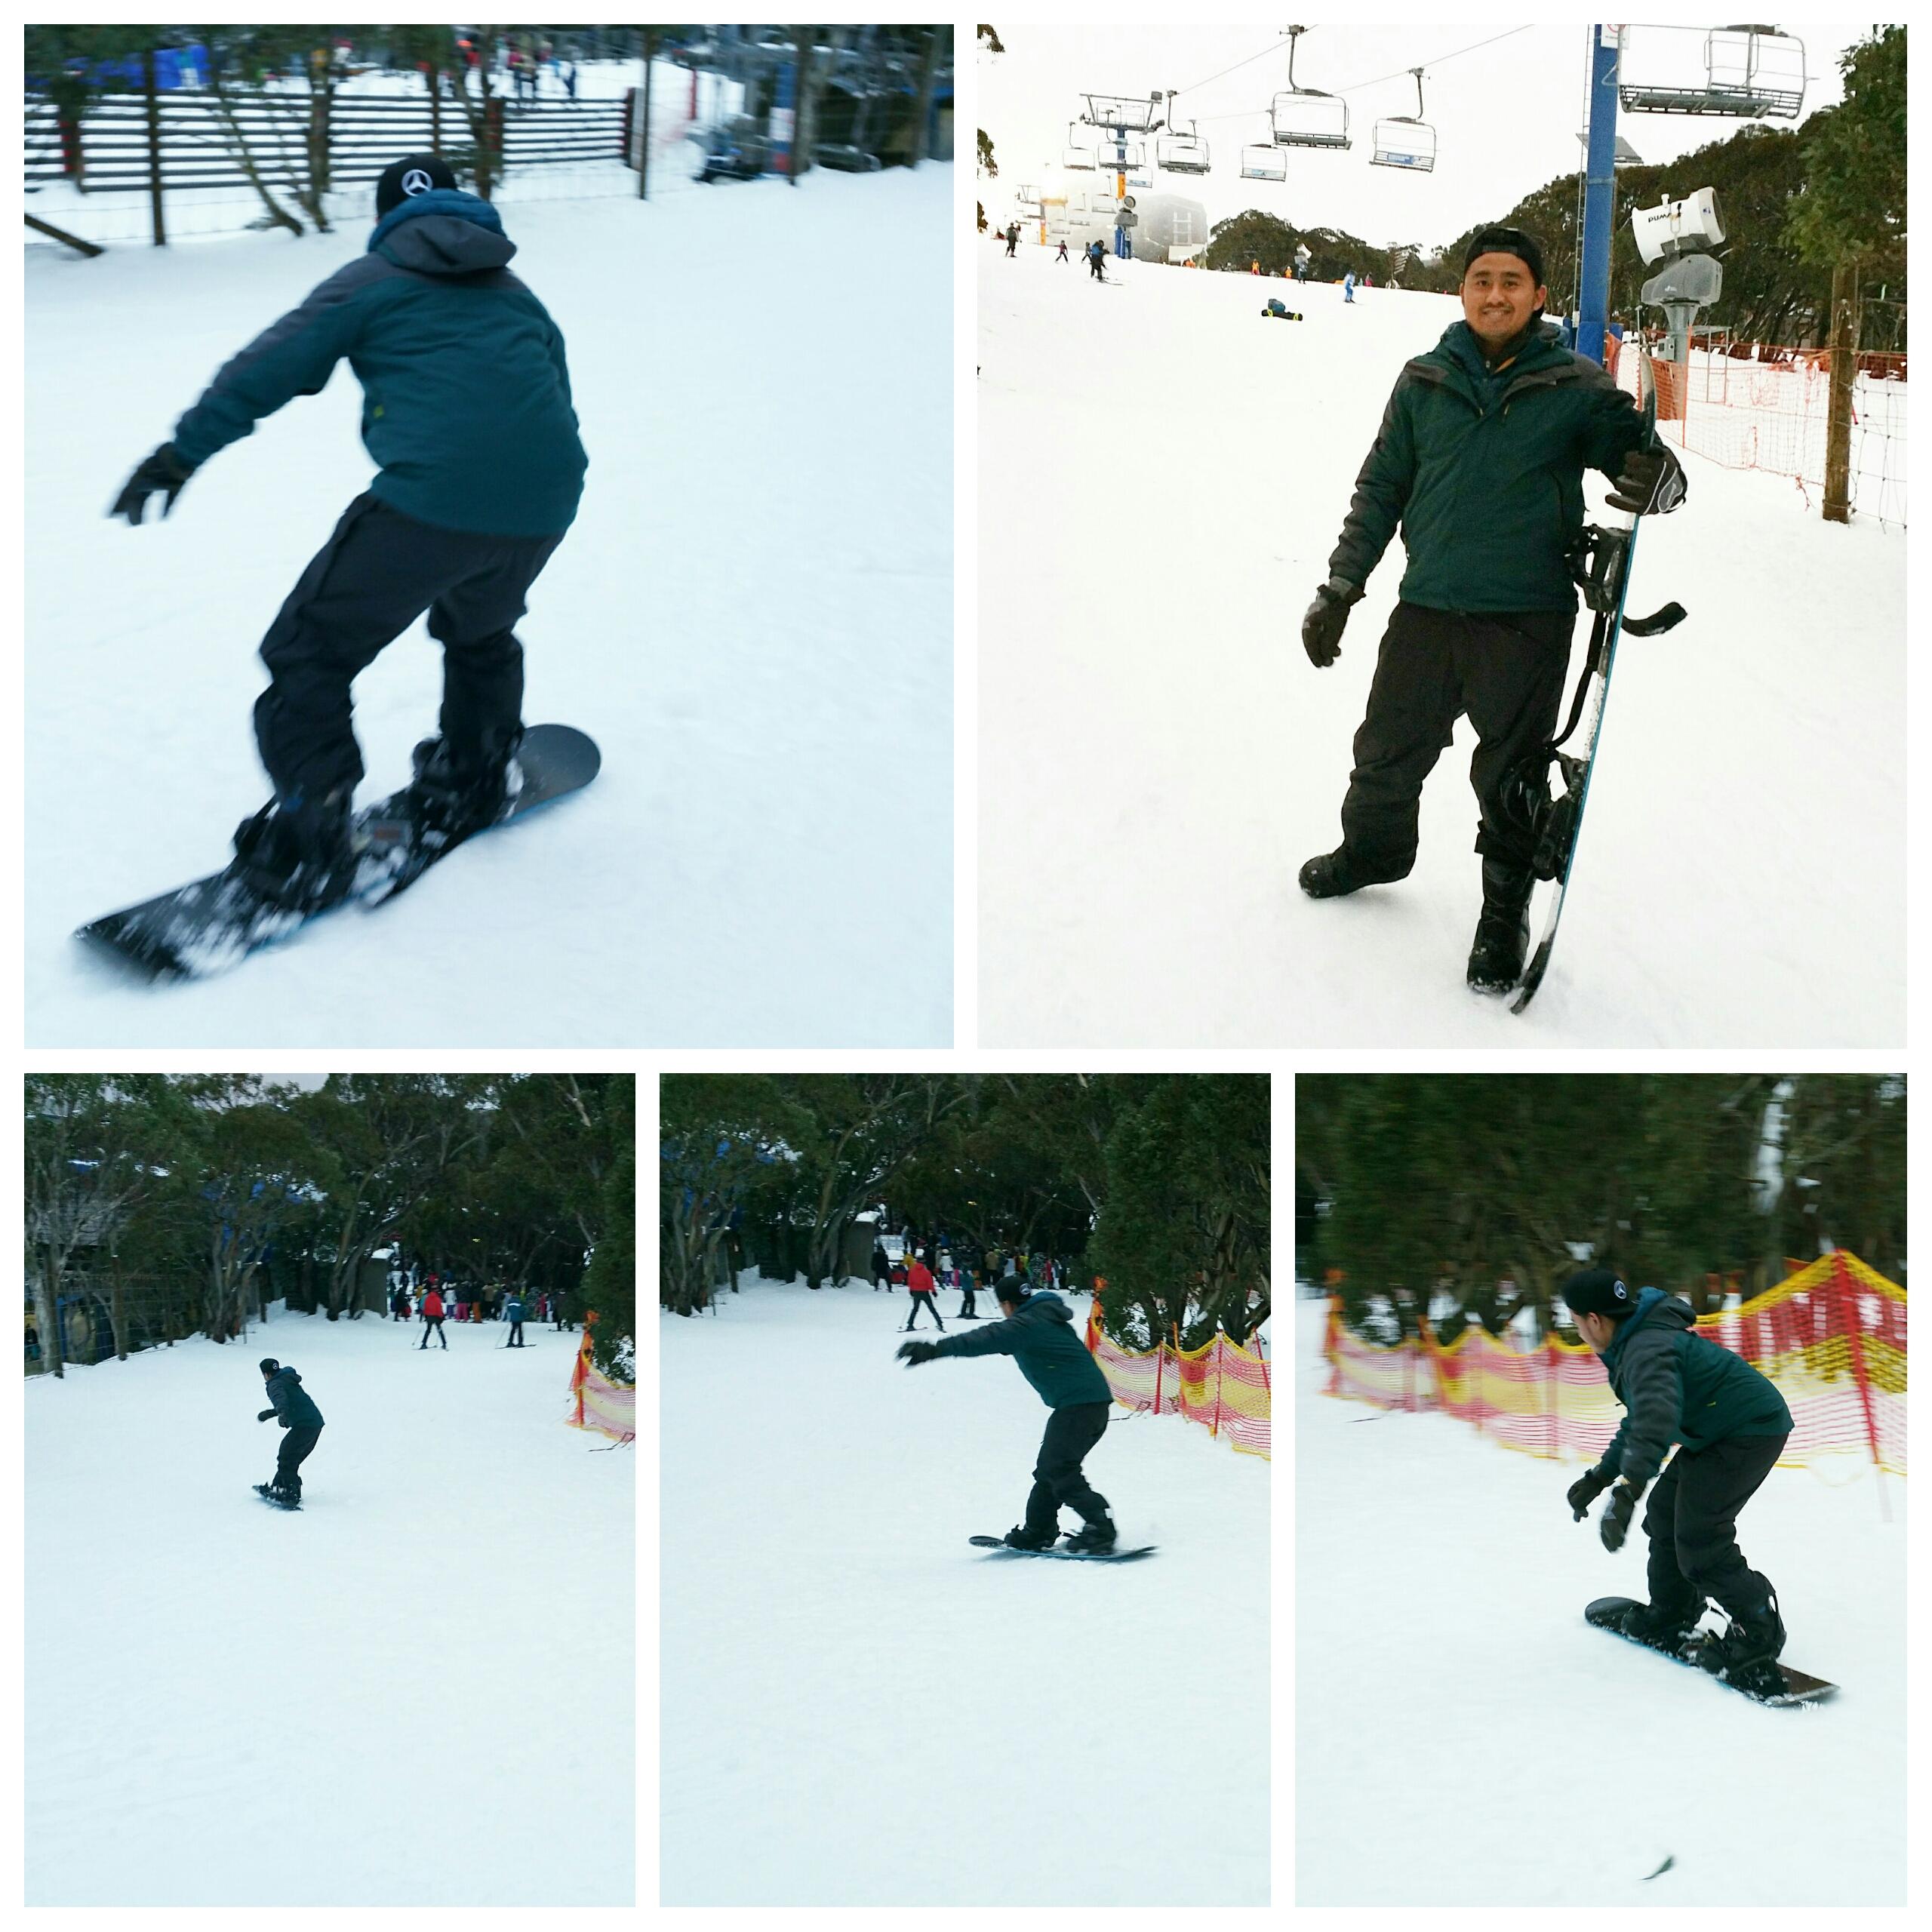 Jay Chua snowboarding skill.